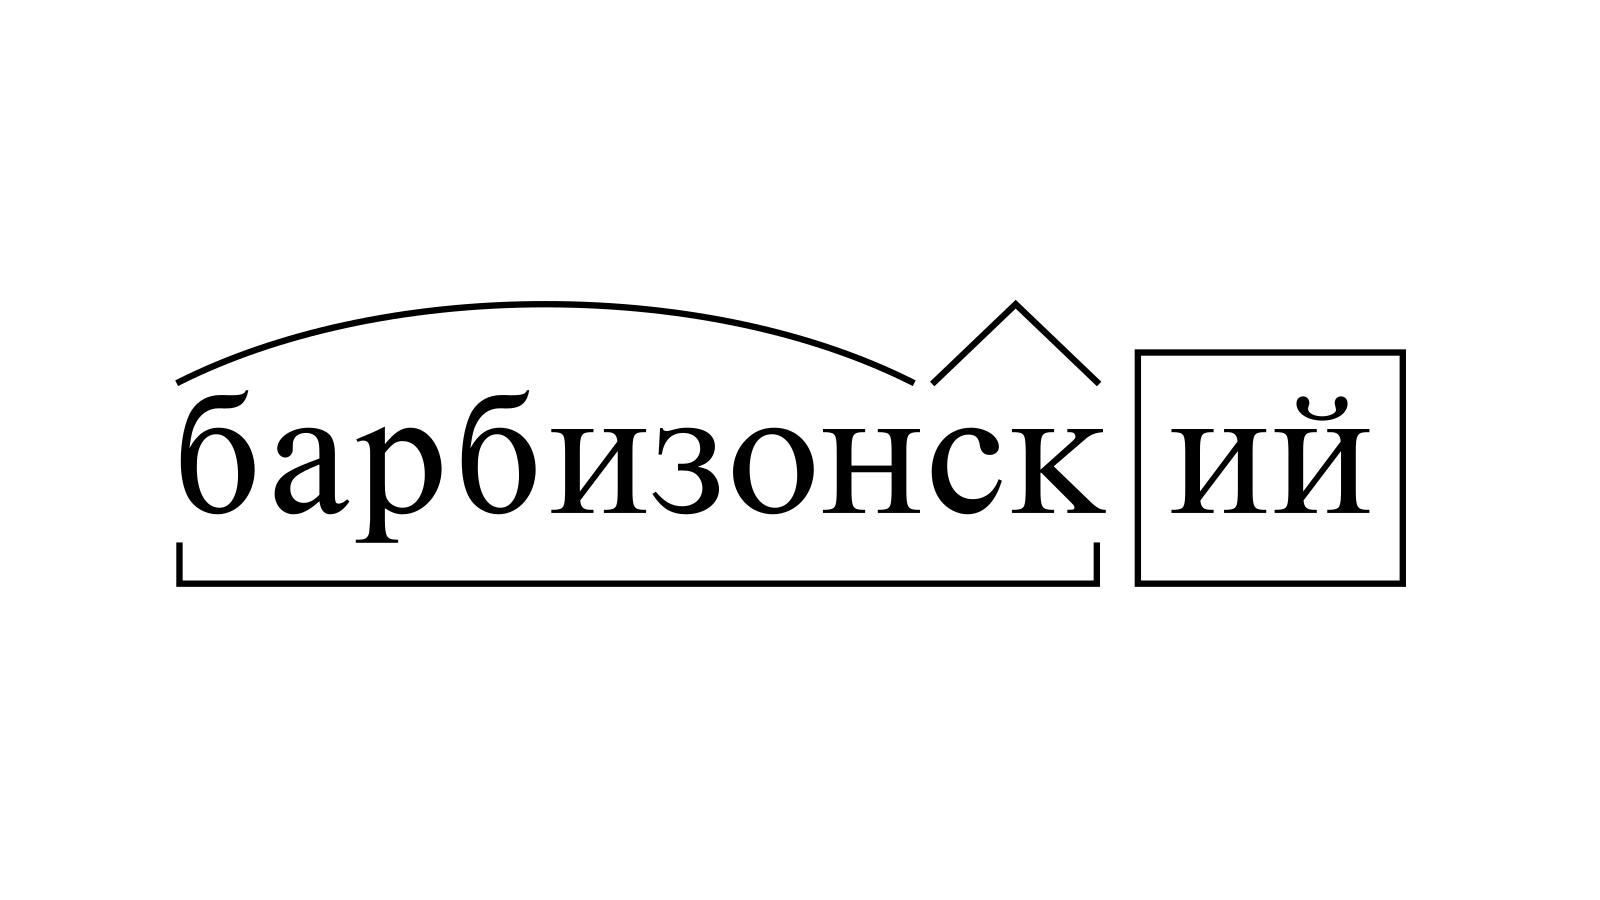 Разбор слова «барбизонский» по составу